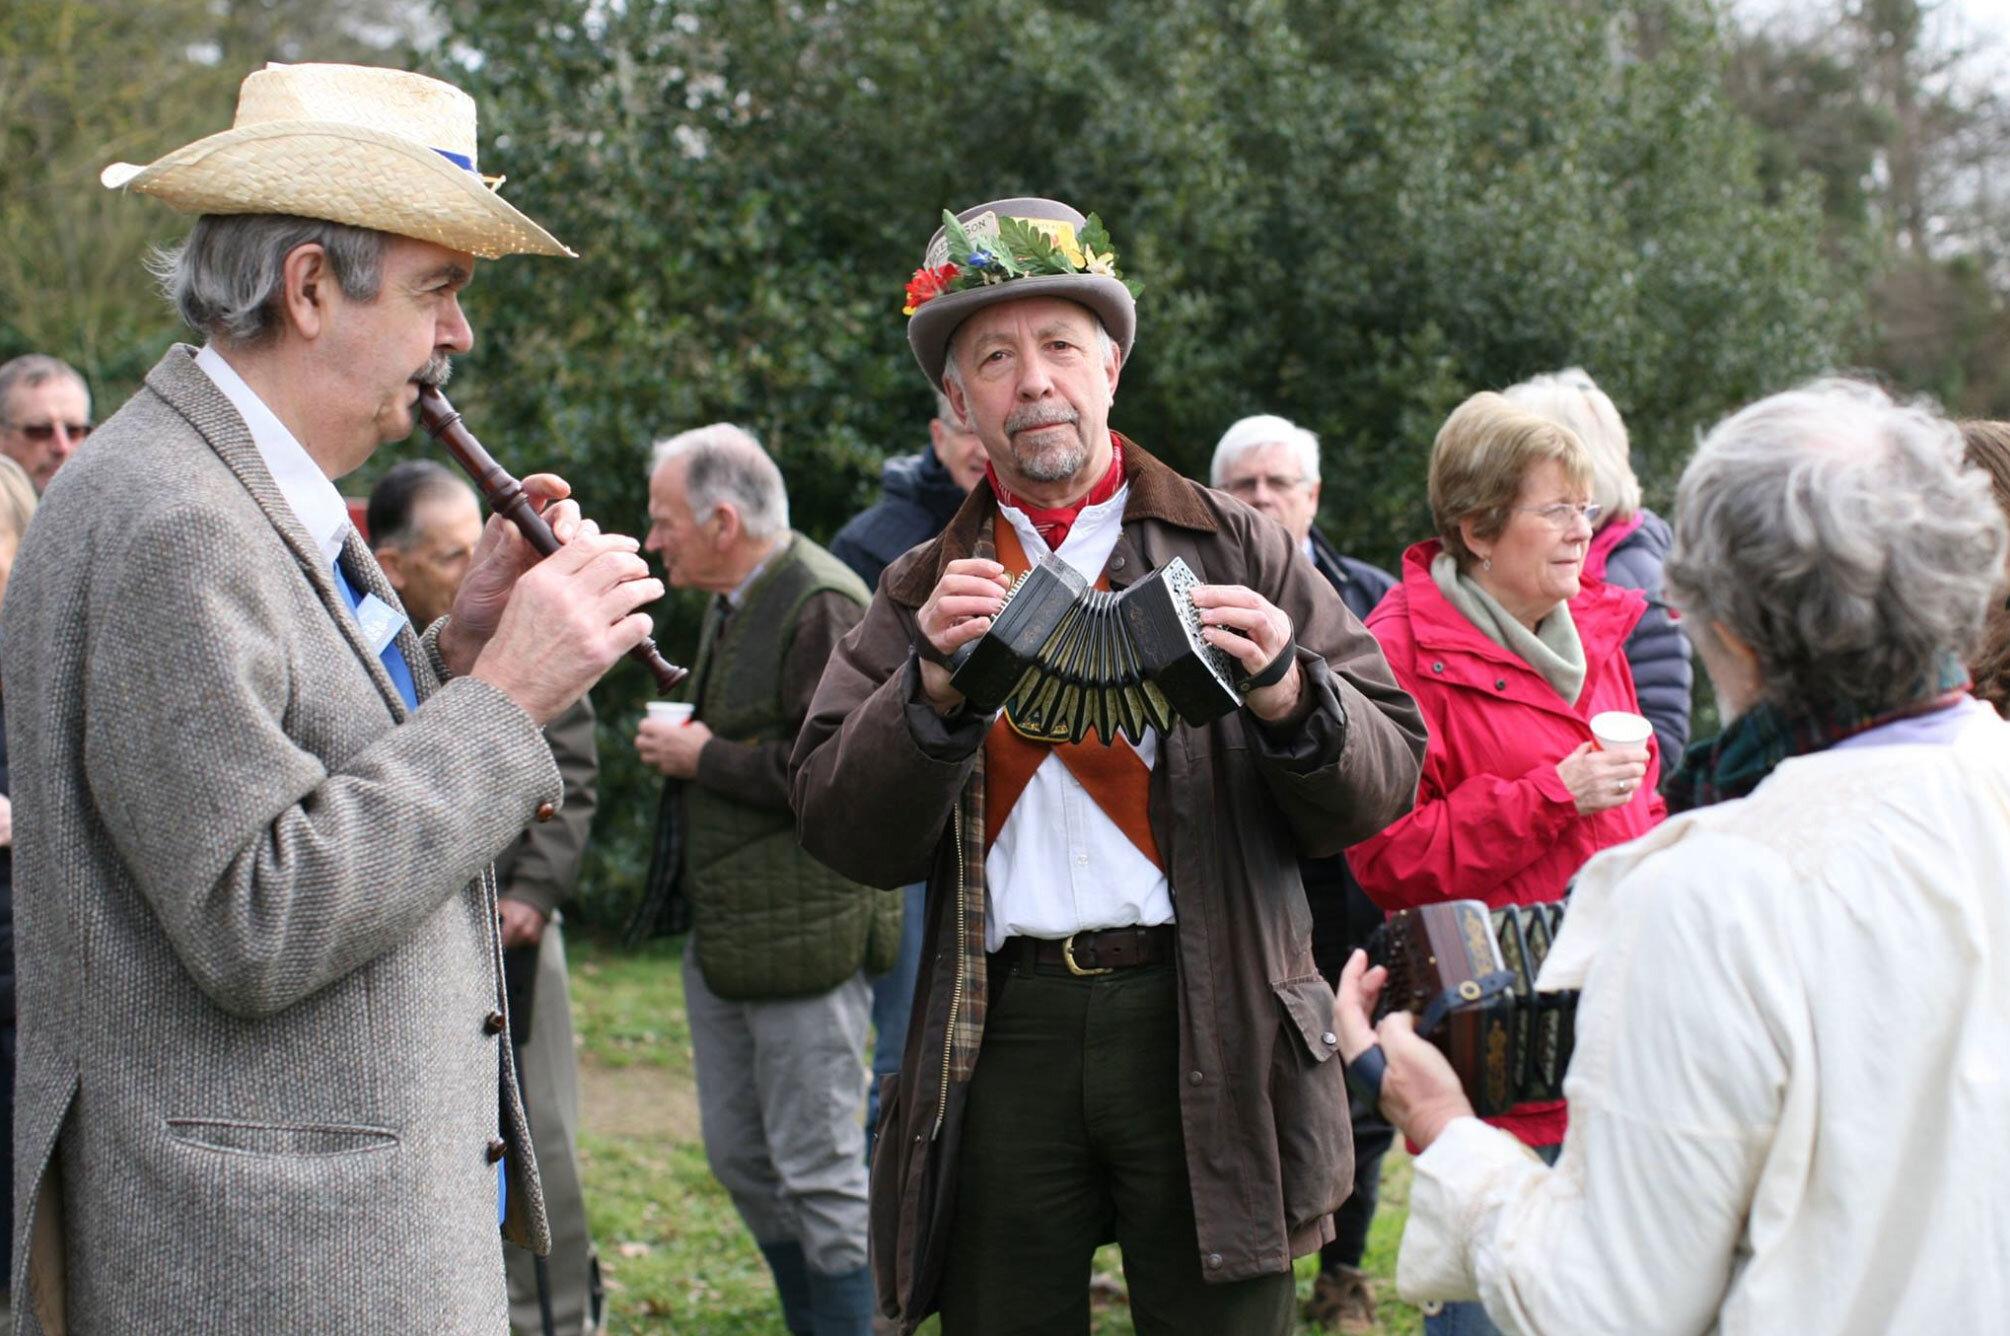 Sussex Folk musicians, Binsted